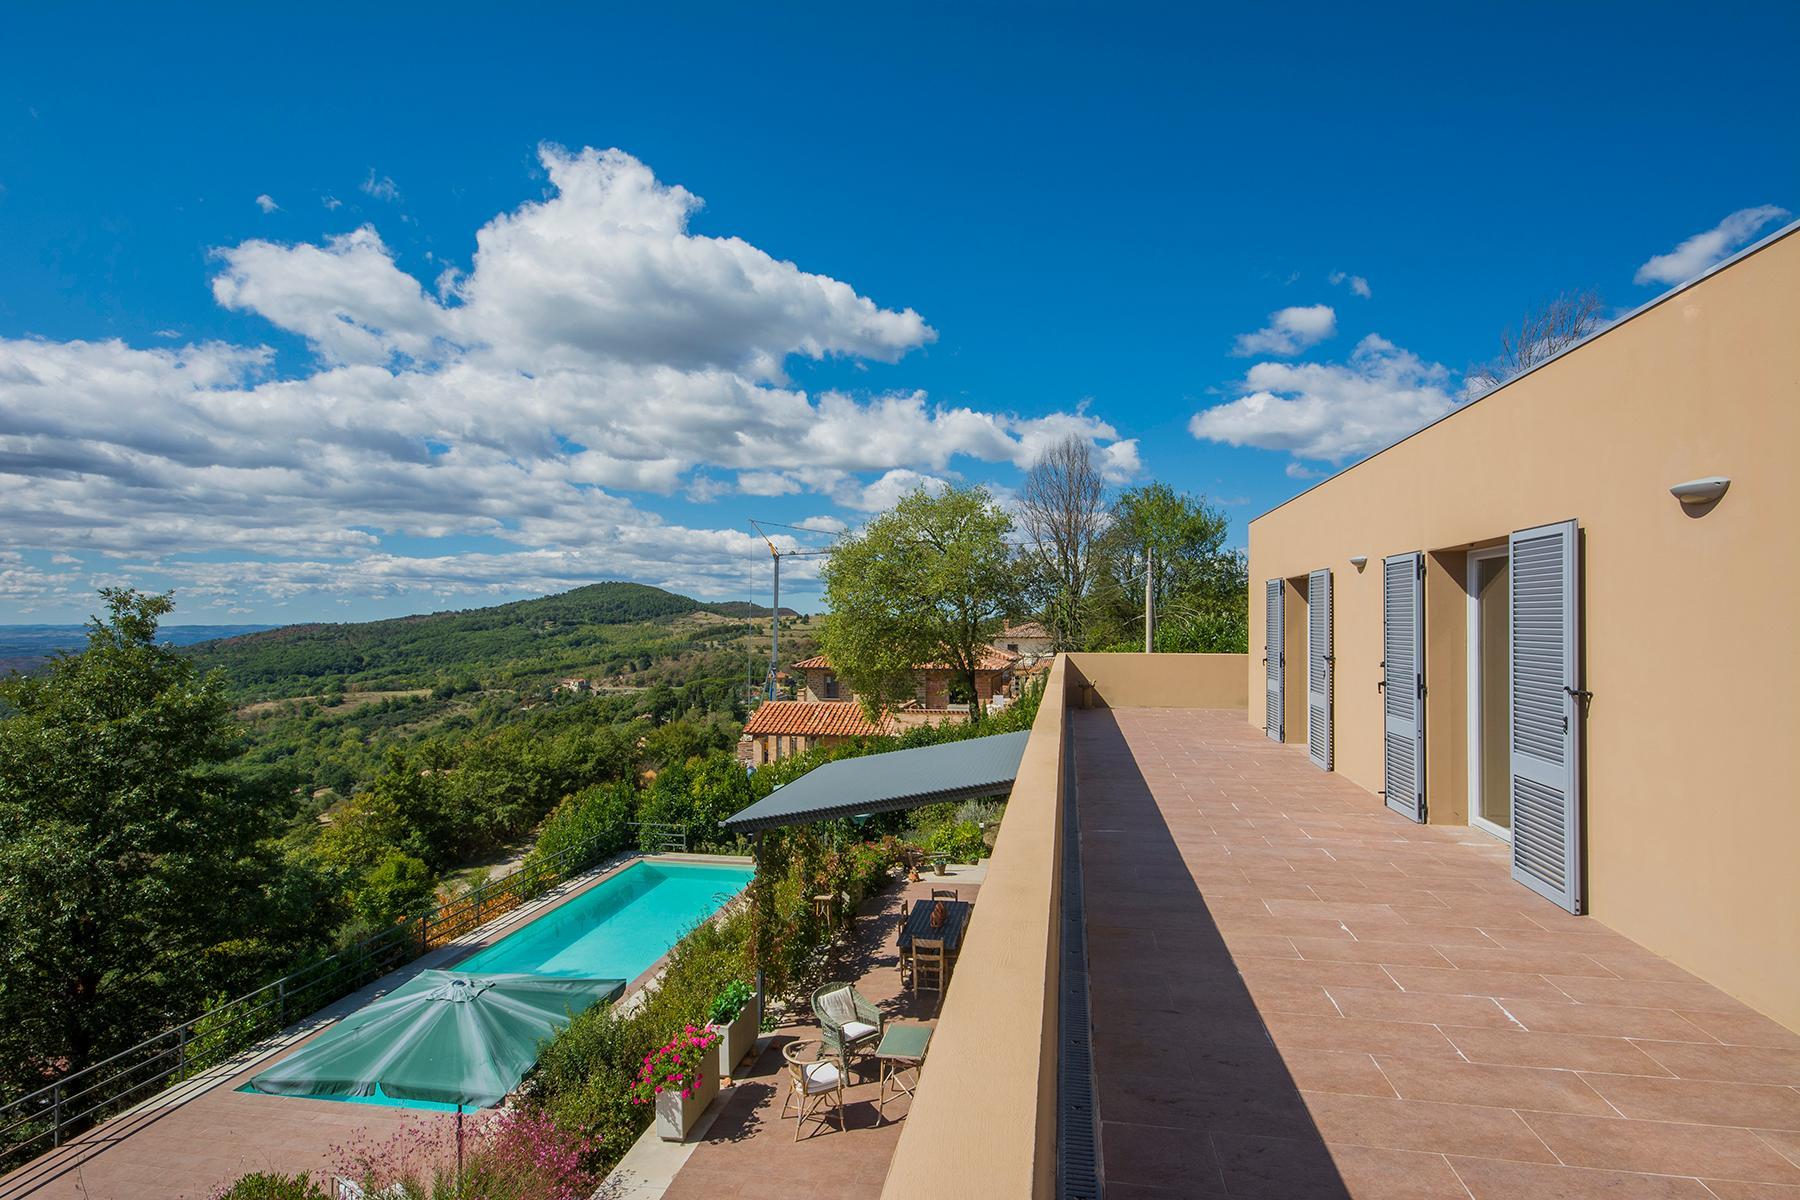 Villa moderna con finiture di pregio in posizione vista lago esclusiva - 11